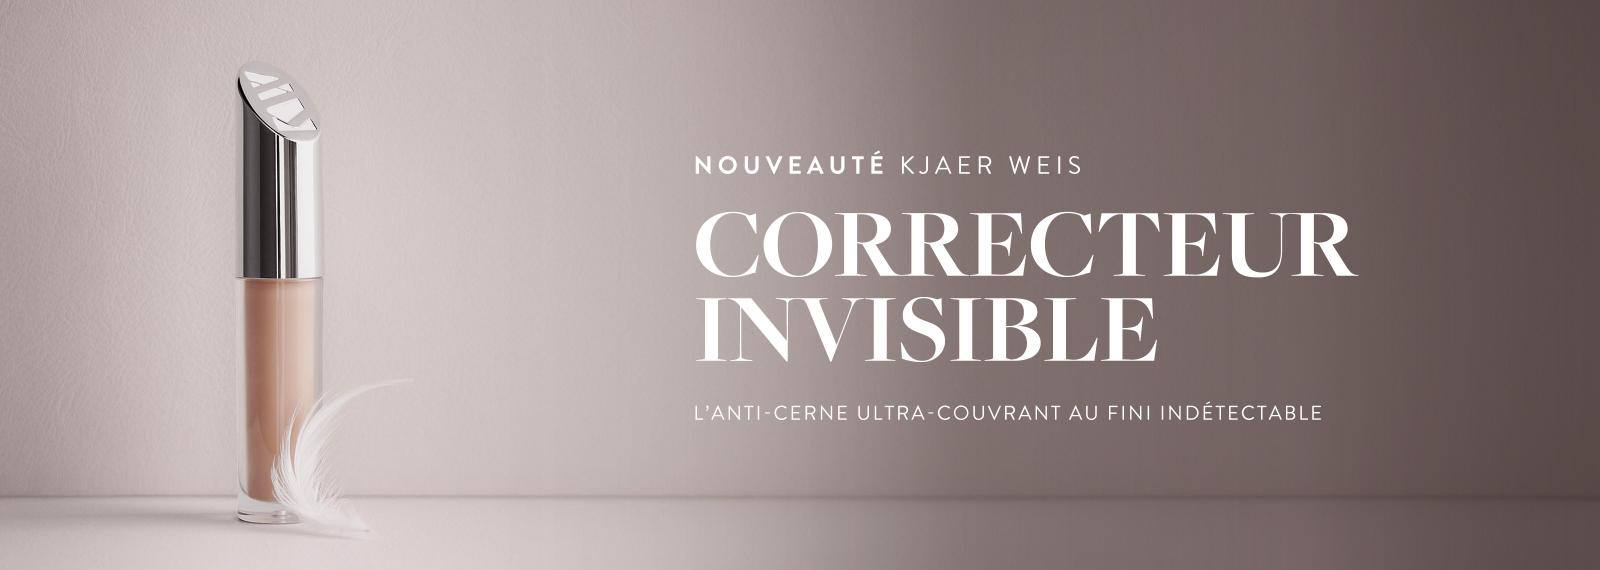 Nouveautés - KJAER WEIS - Correcteur Invisible